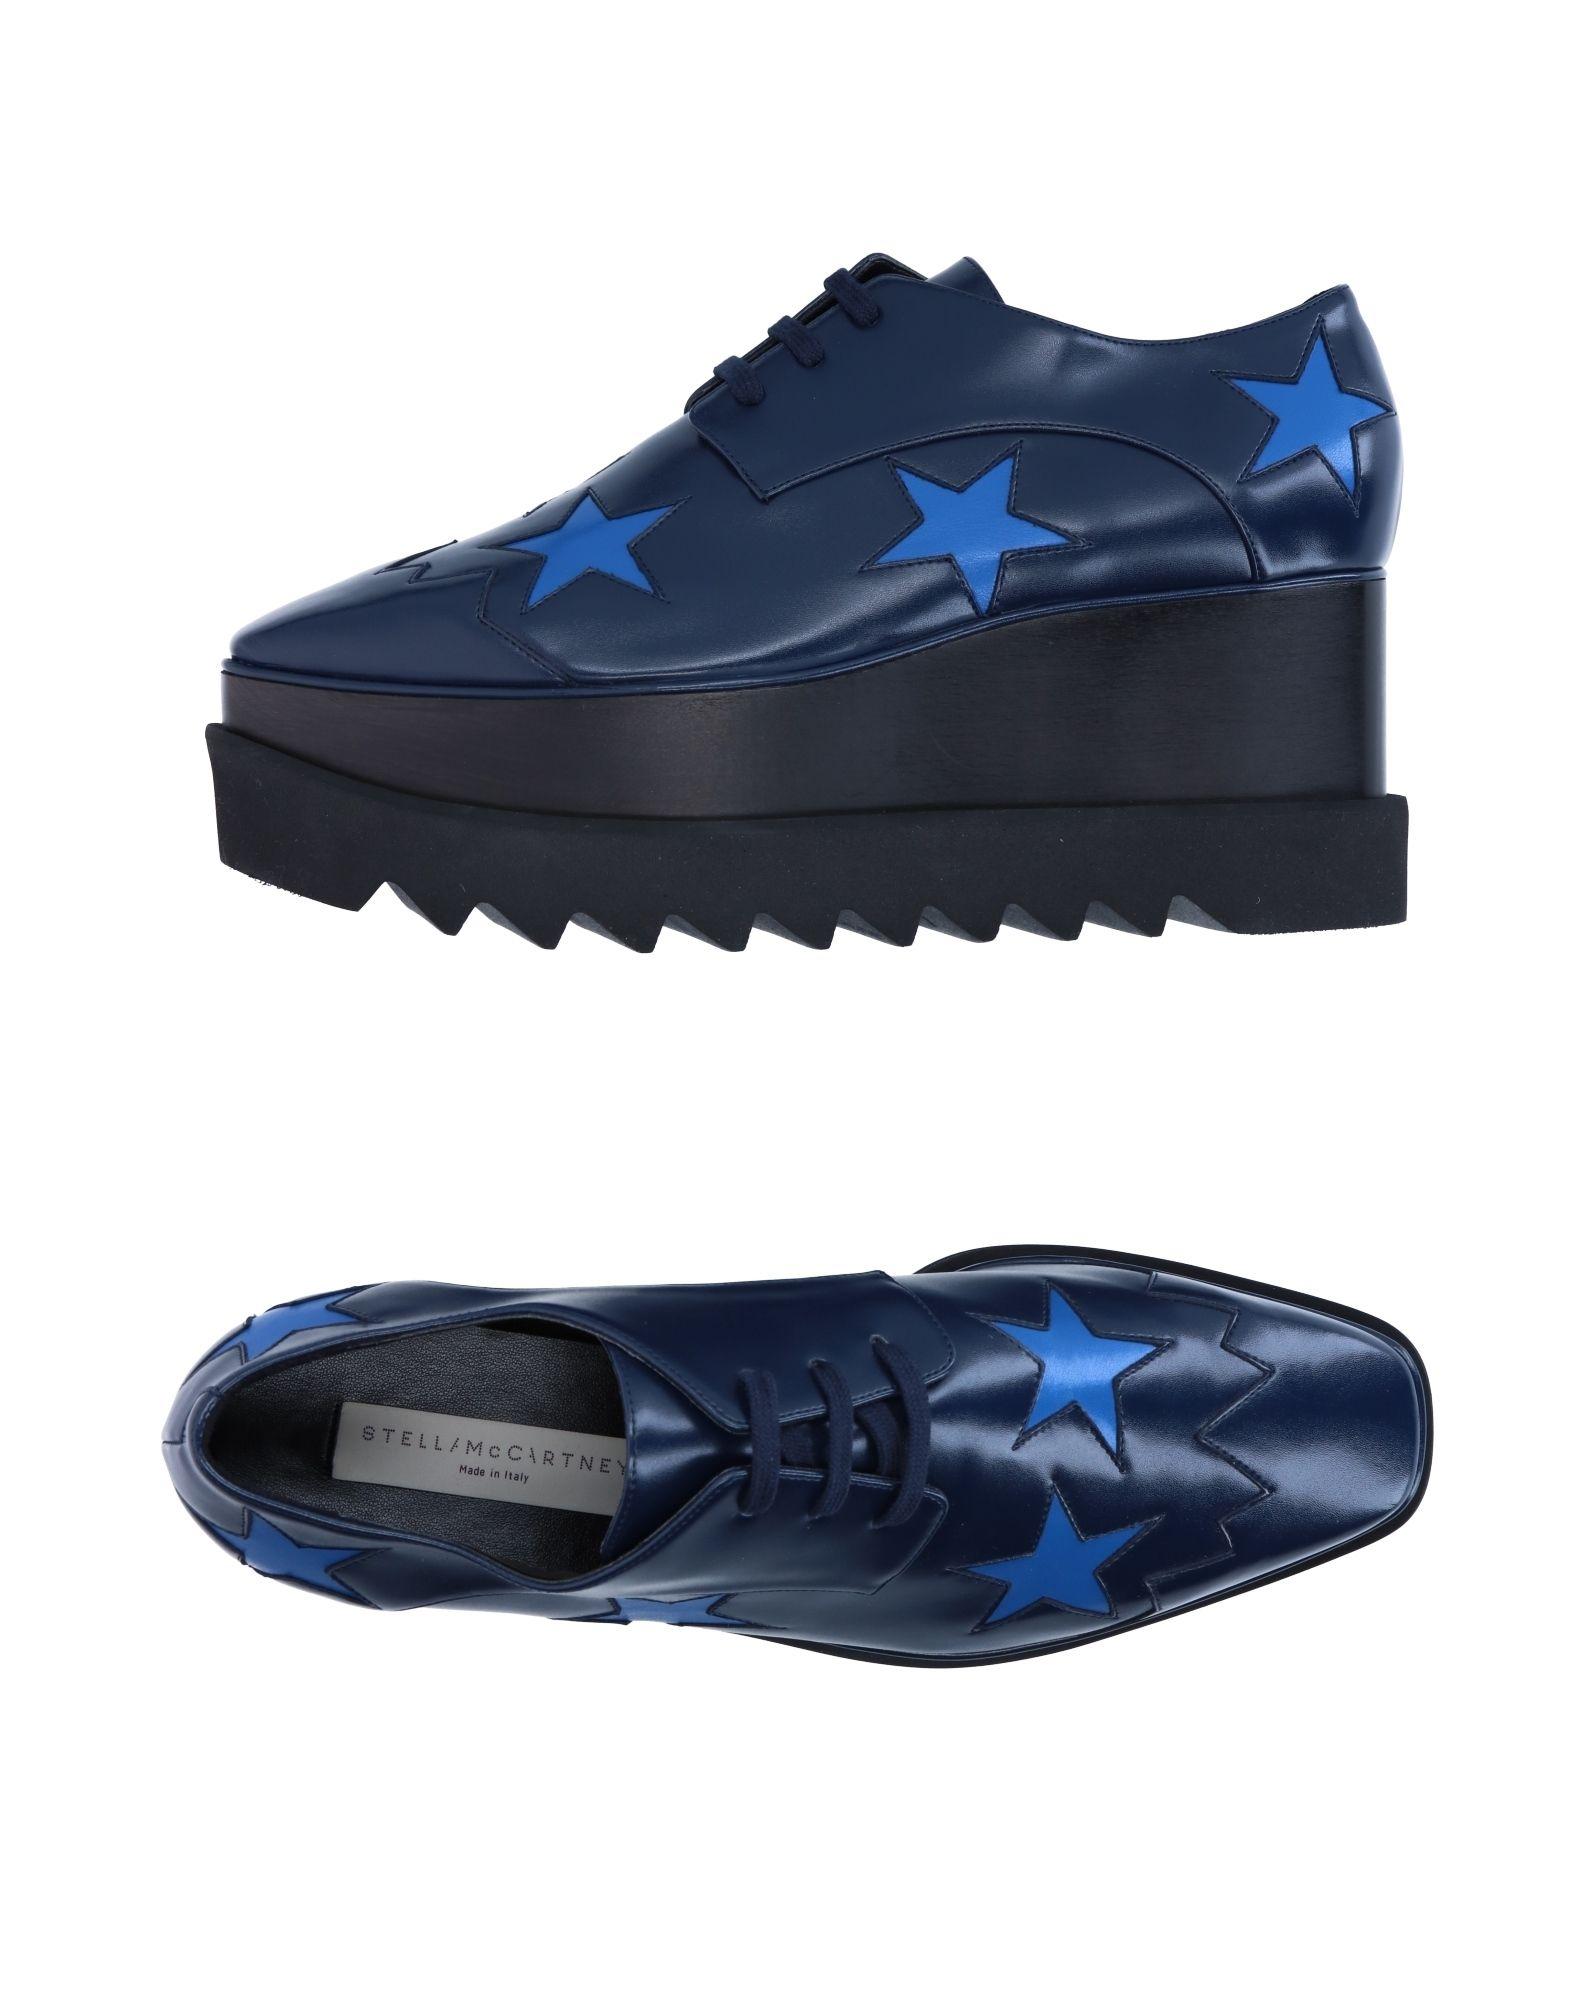 Stella Mccartney Schnürschuhe Damen  11254459QWGünstige gut aussehende Schuhe